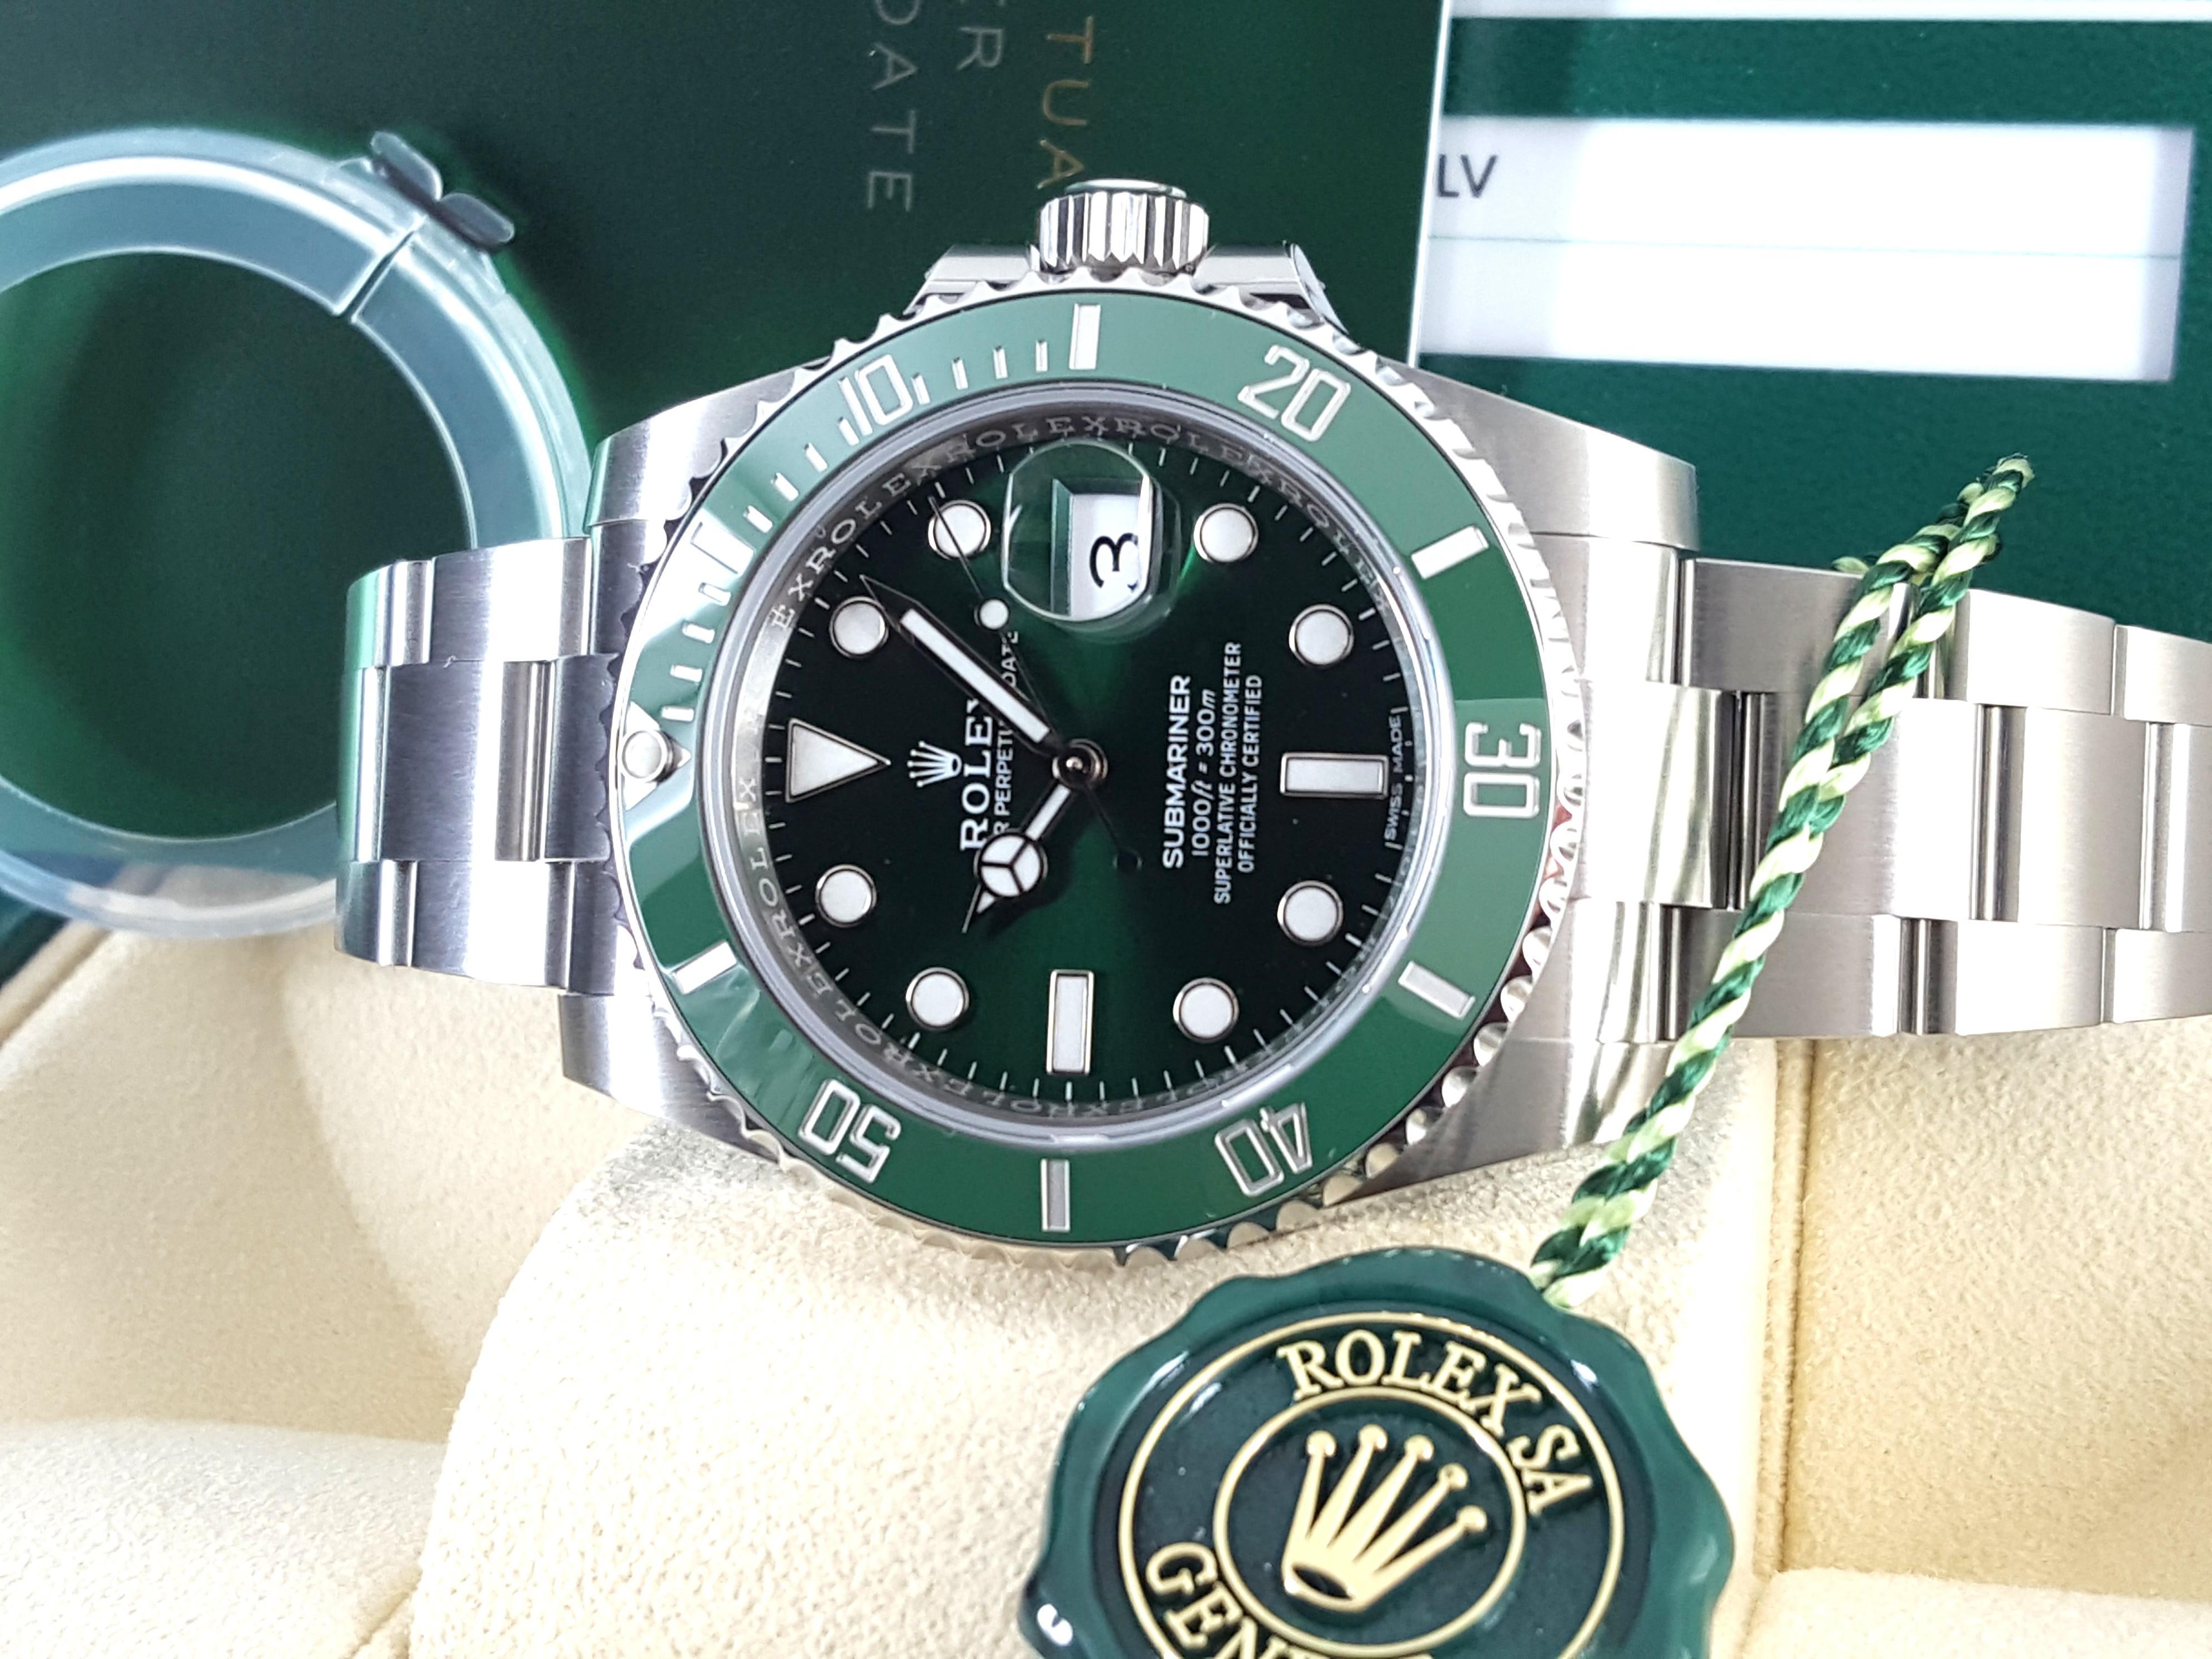 BN Rolex Hulk Green Submariner Ceramic 116610LV